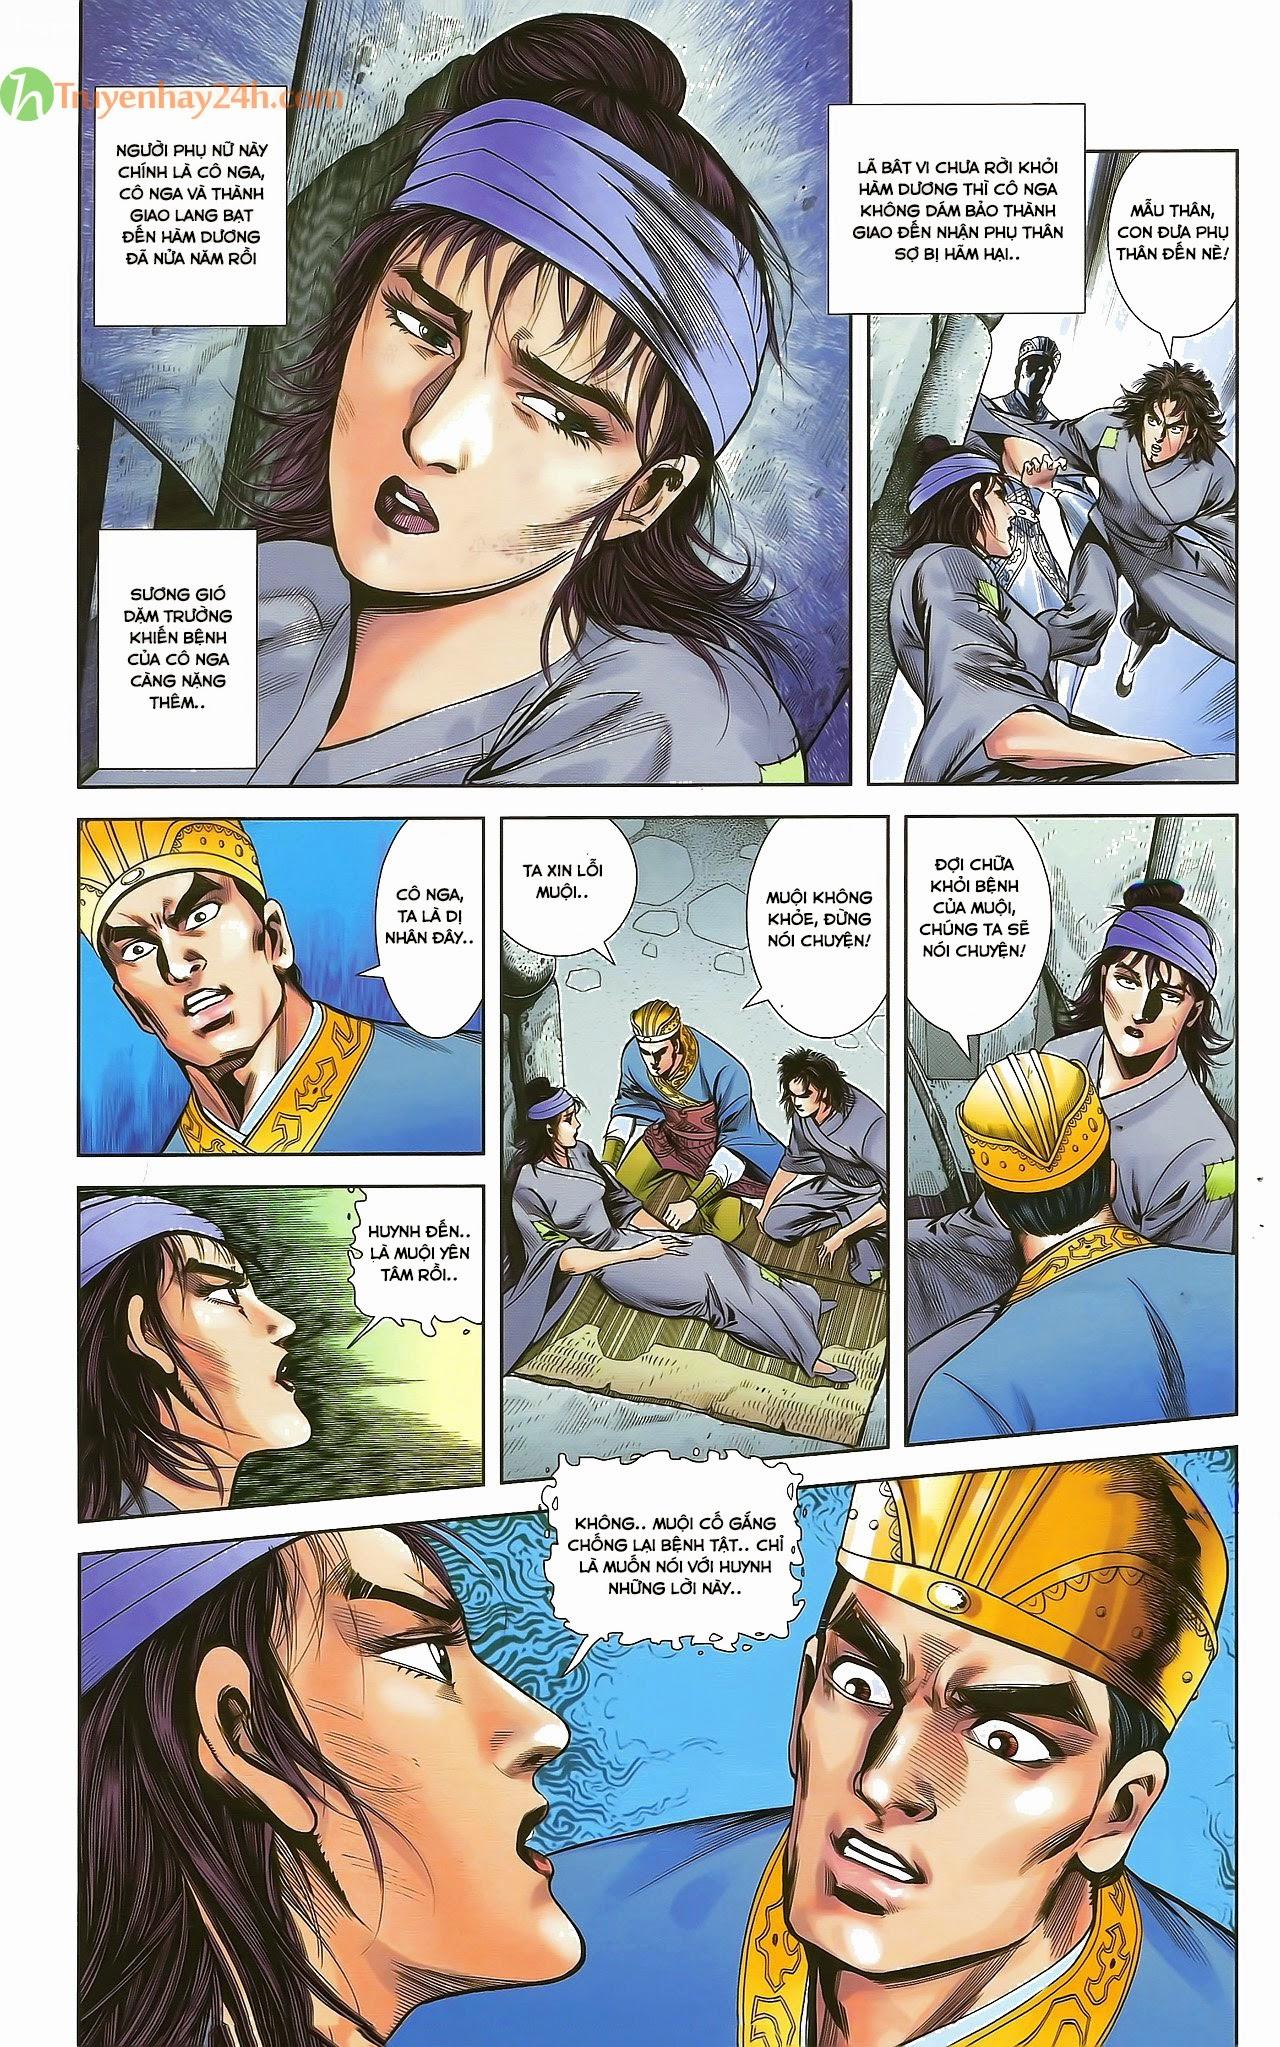 Tần Vương Doanh Chính chapter 29.2 trang 7